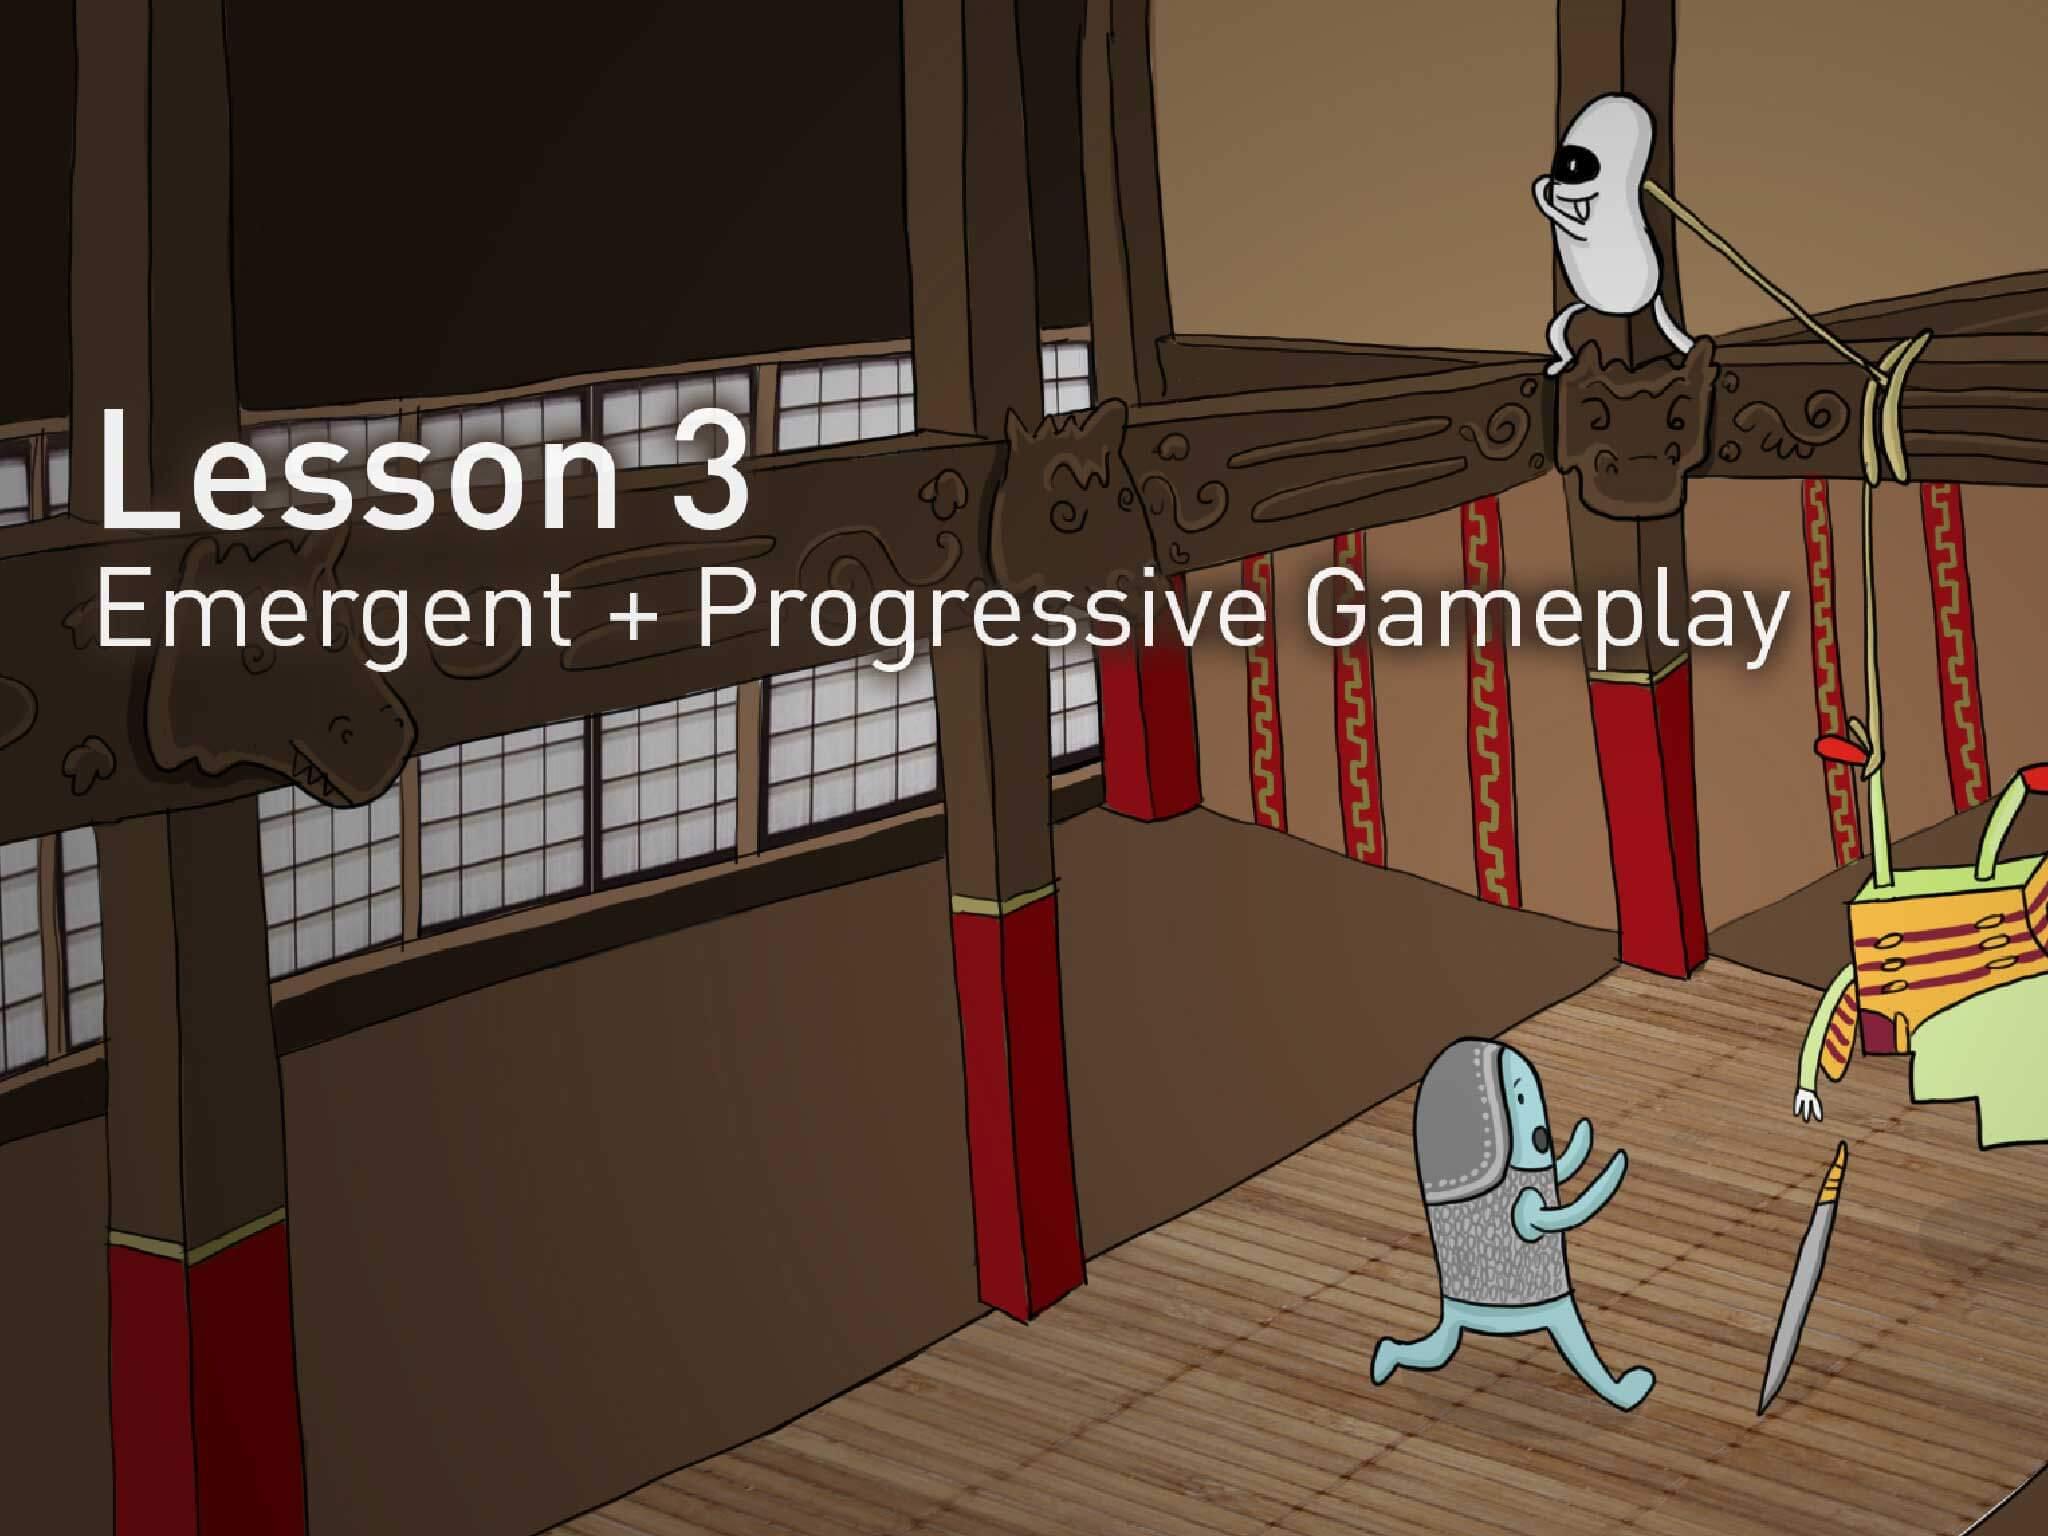 UVG---Lesson-3